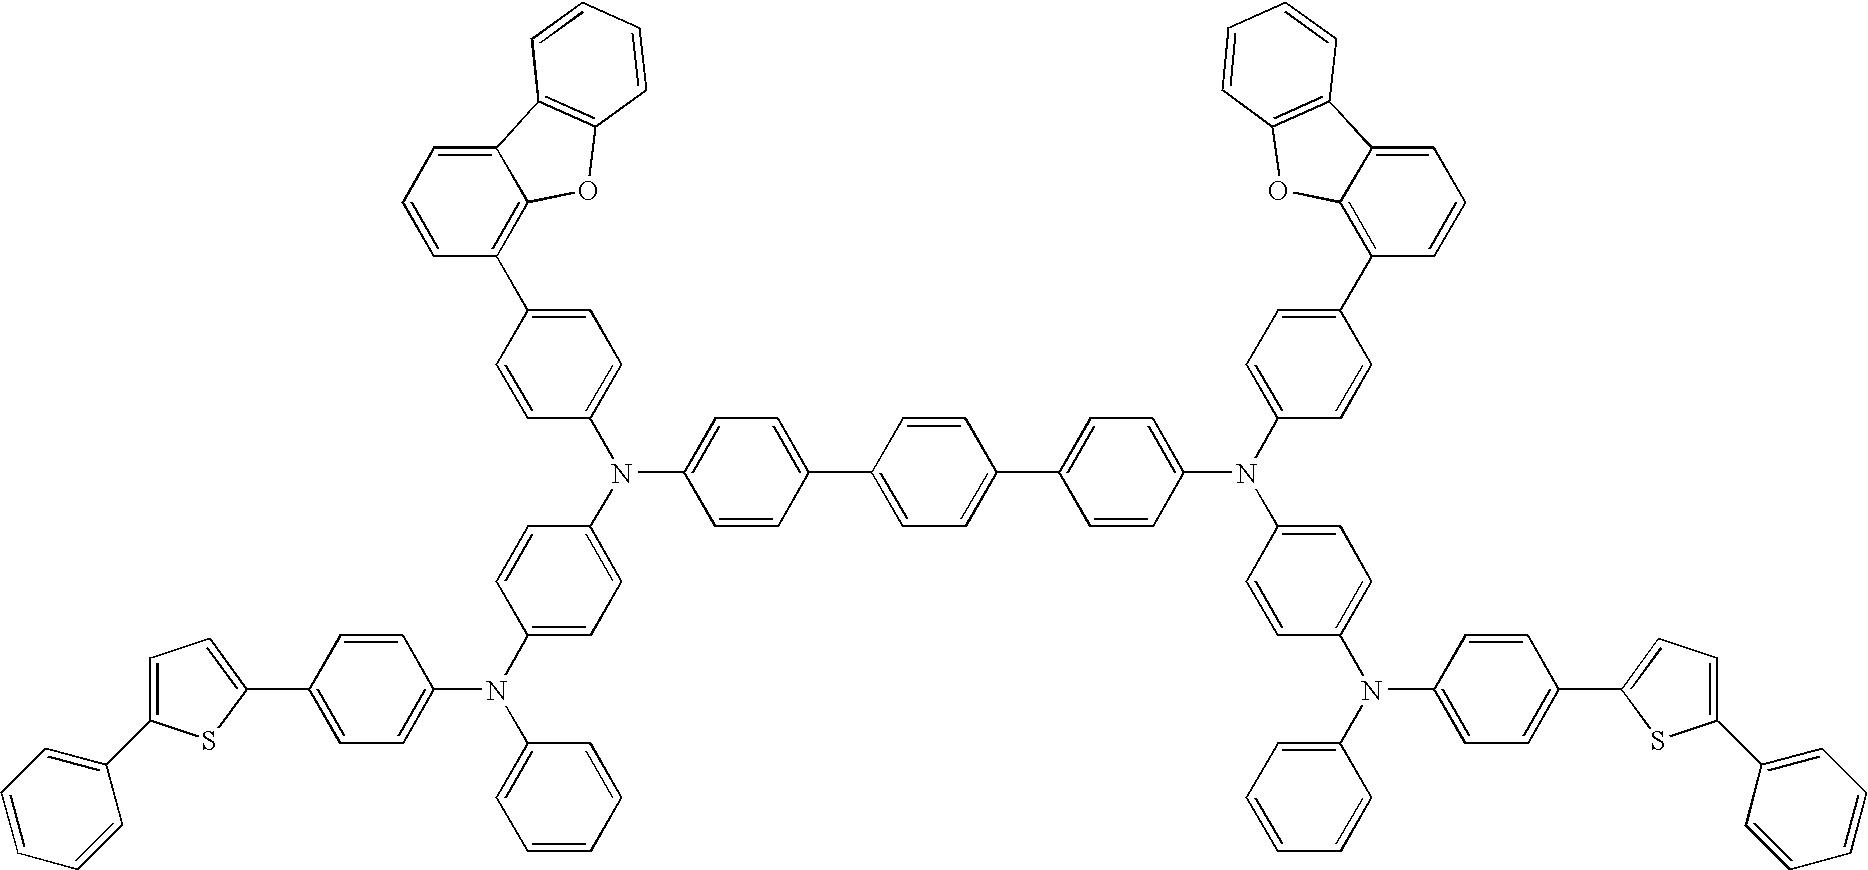 Figure US20090066235A1-20090312-C00052